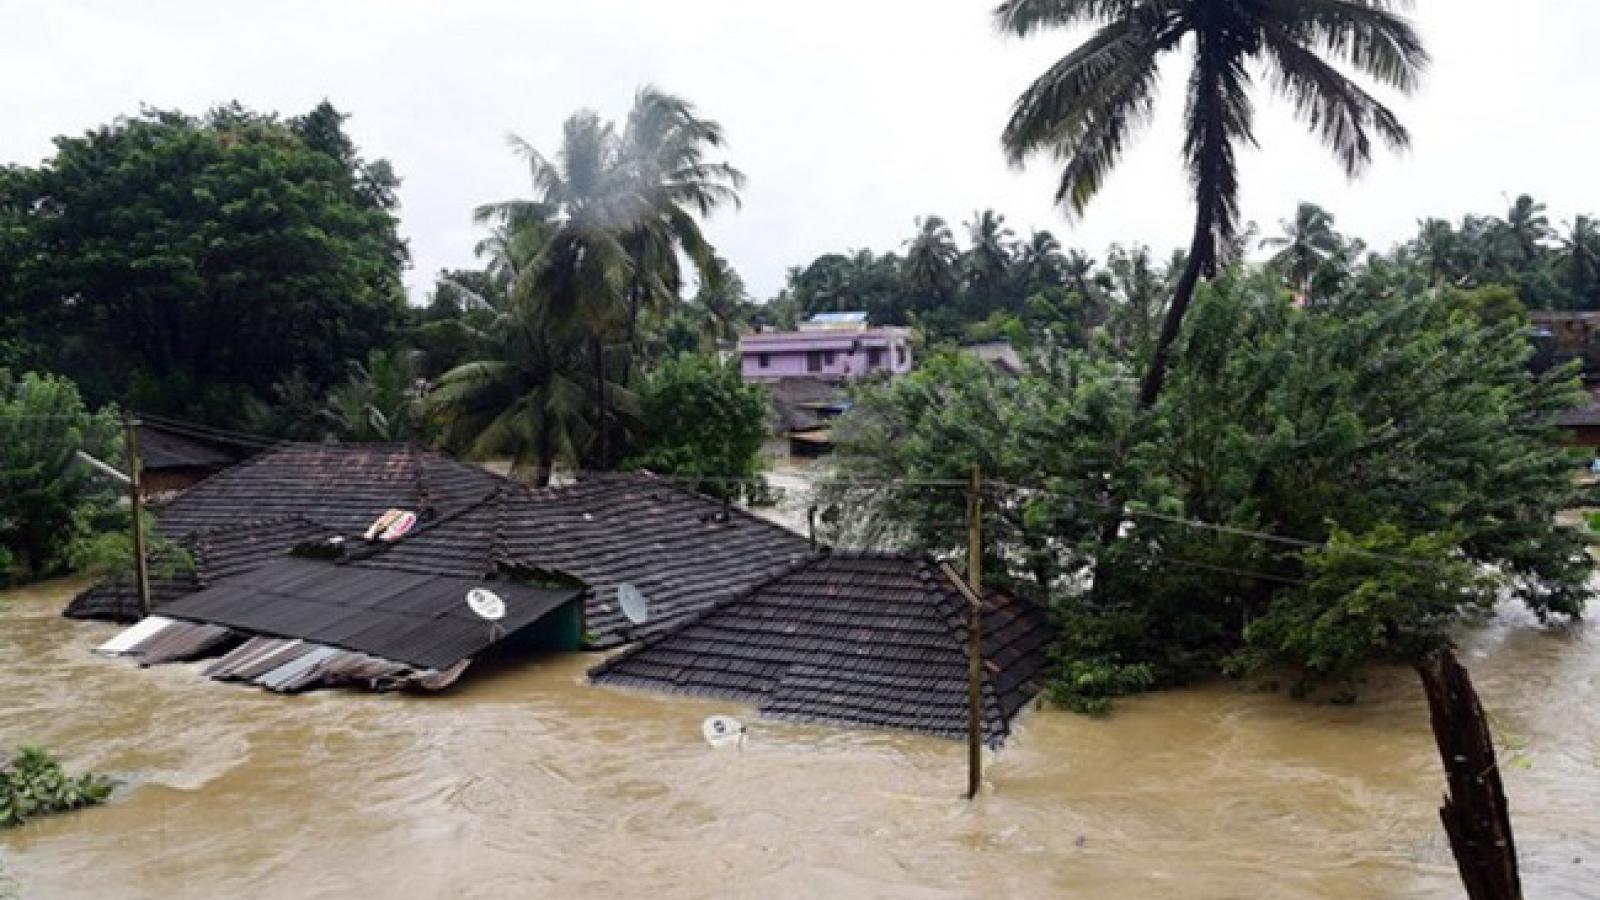 Mưa lũ nghiêm trọng tại Ấn Độ khiến 18 người thiệt mạng